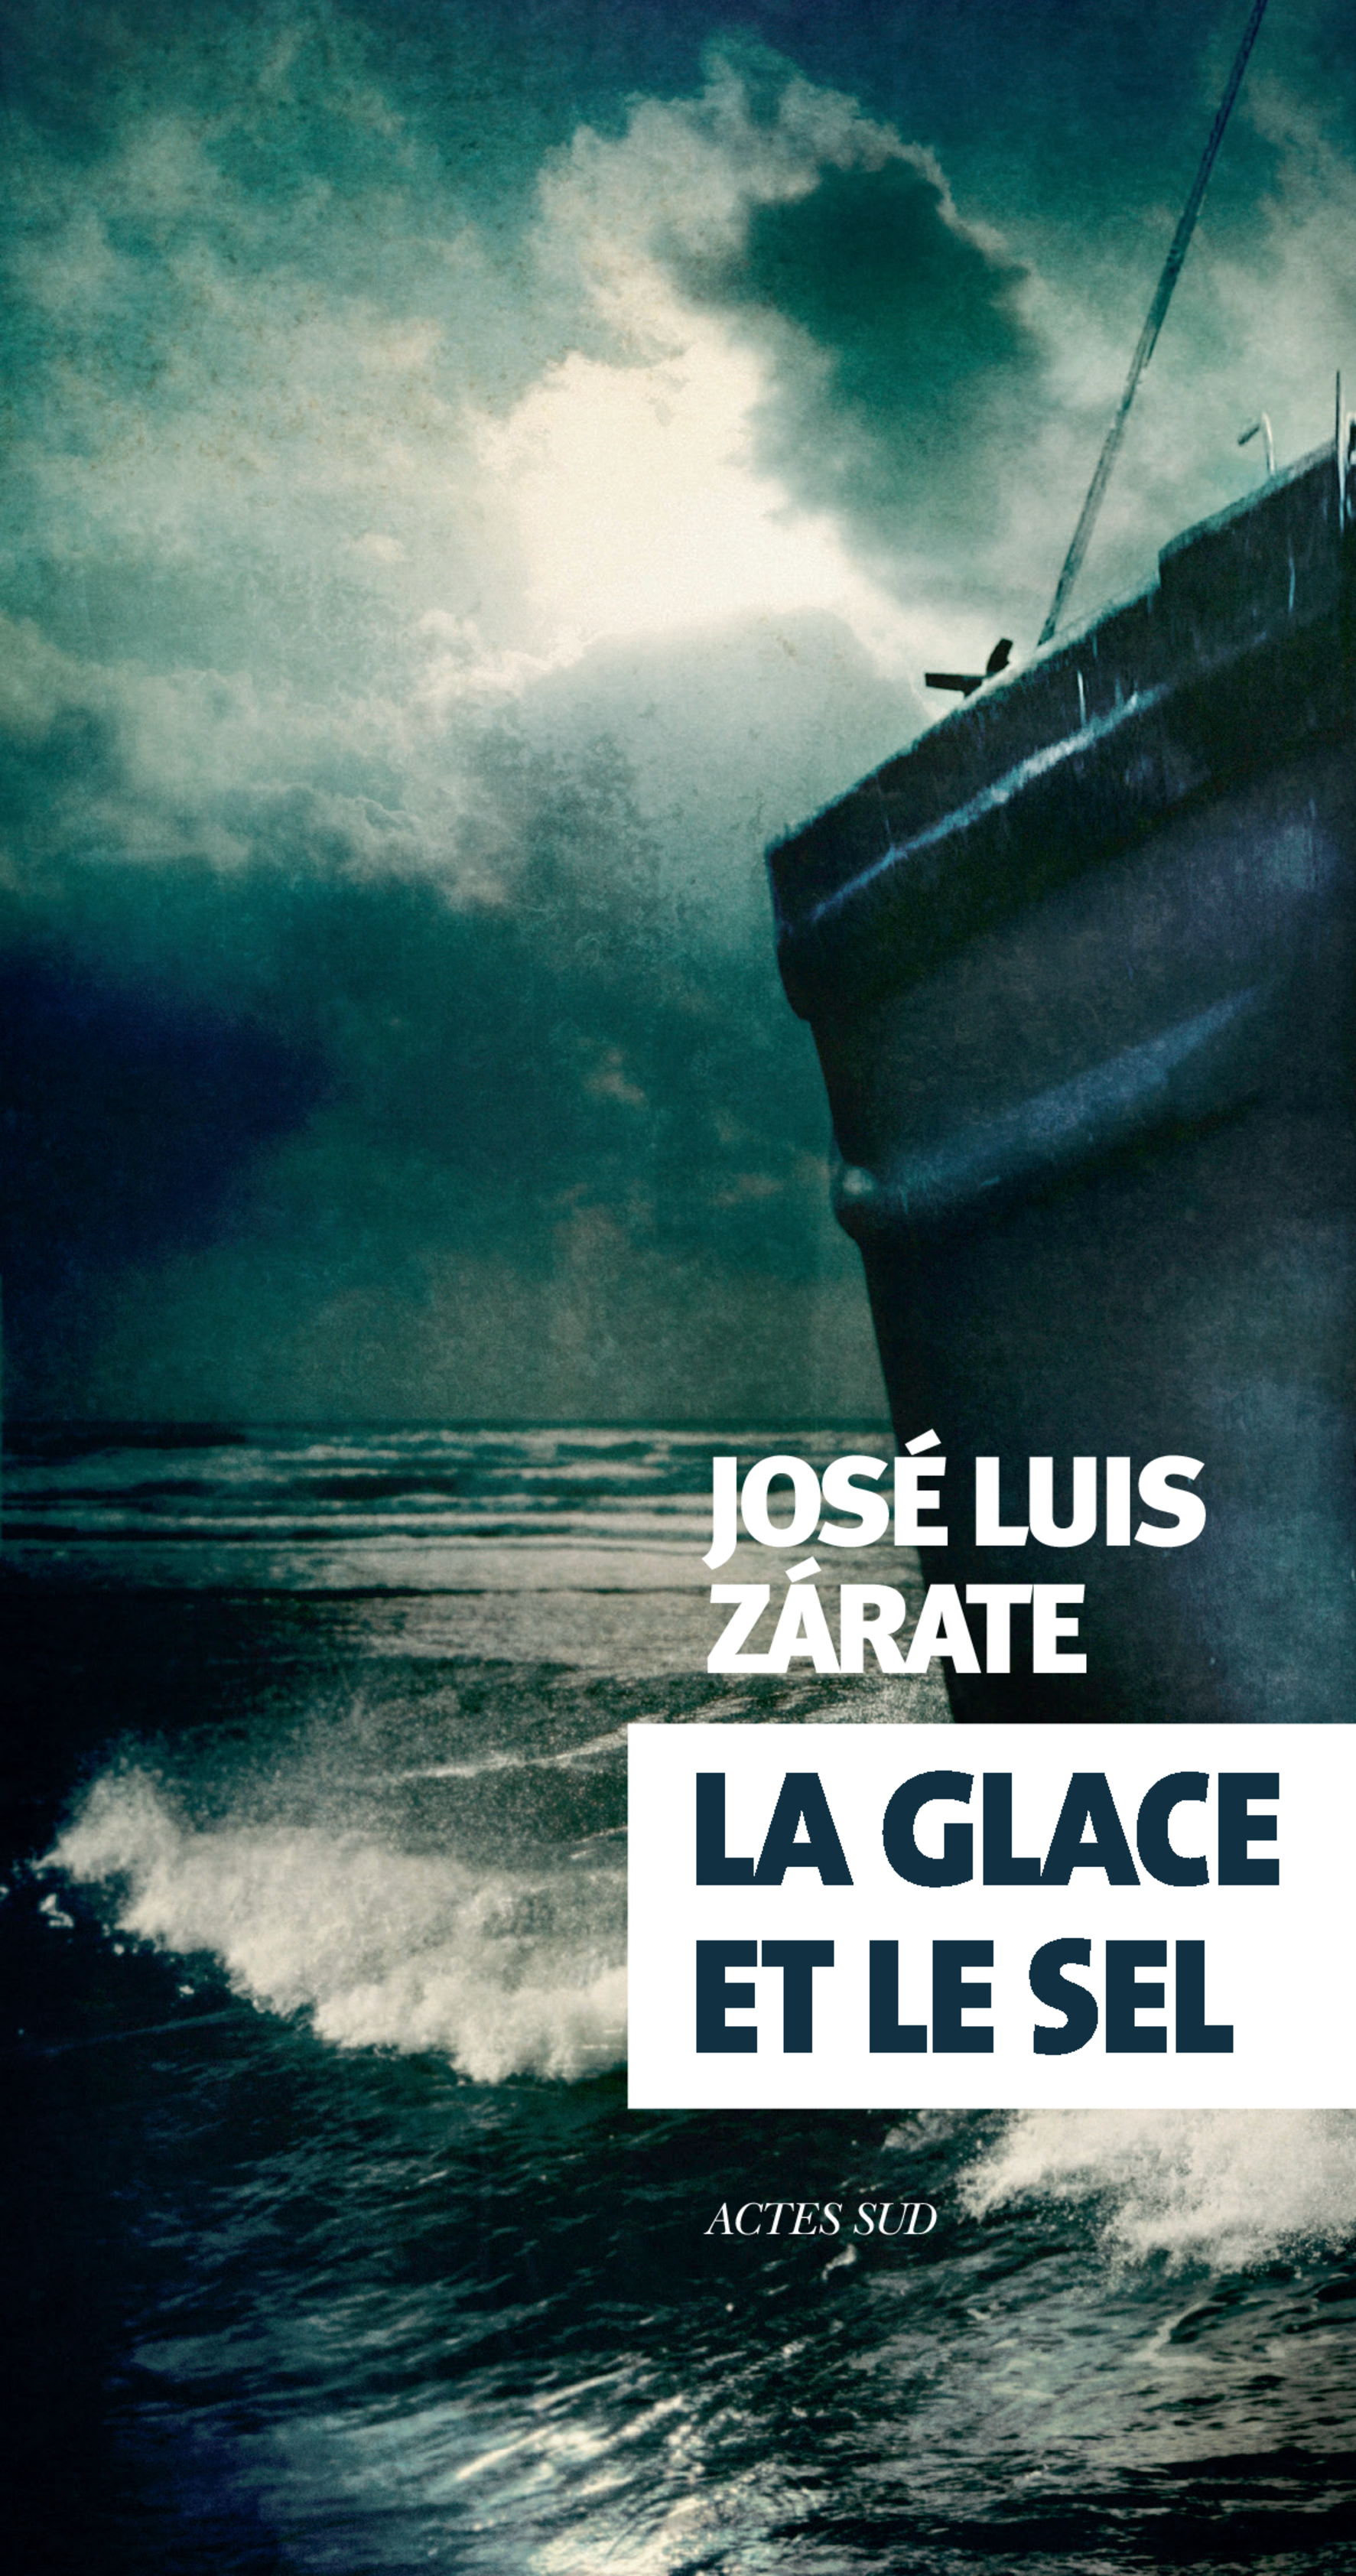 La glace et le sel | Zarate, José luis